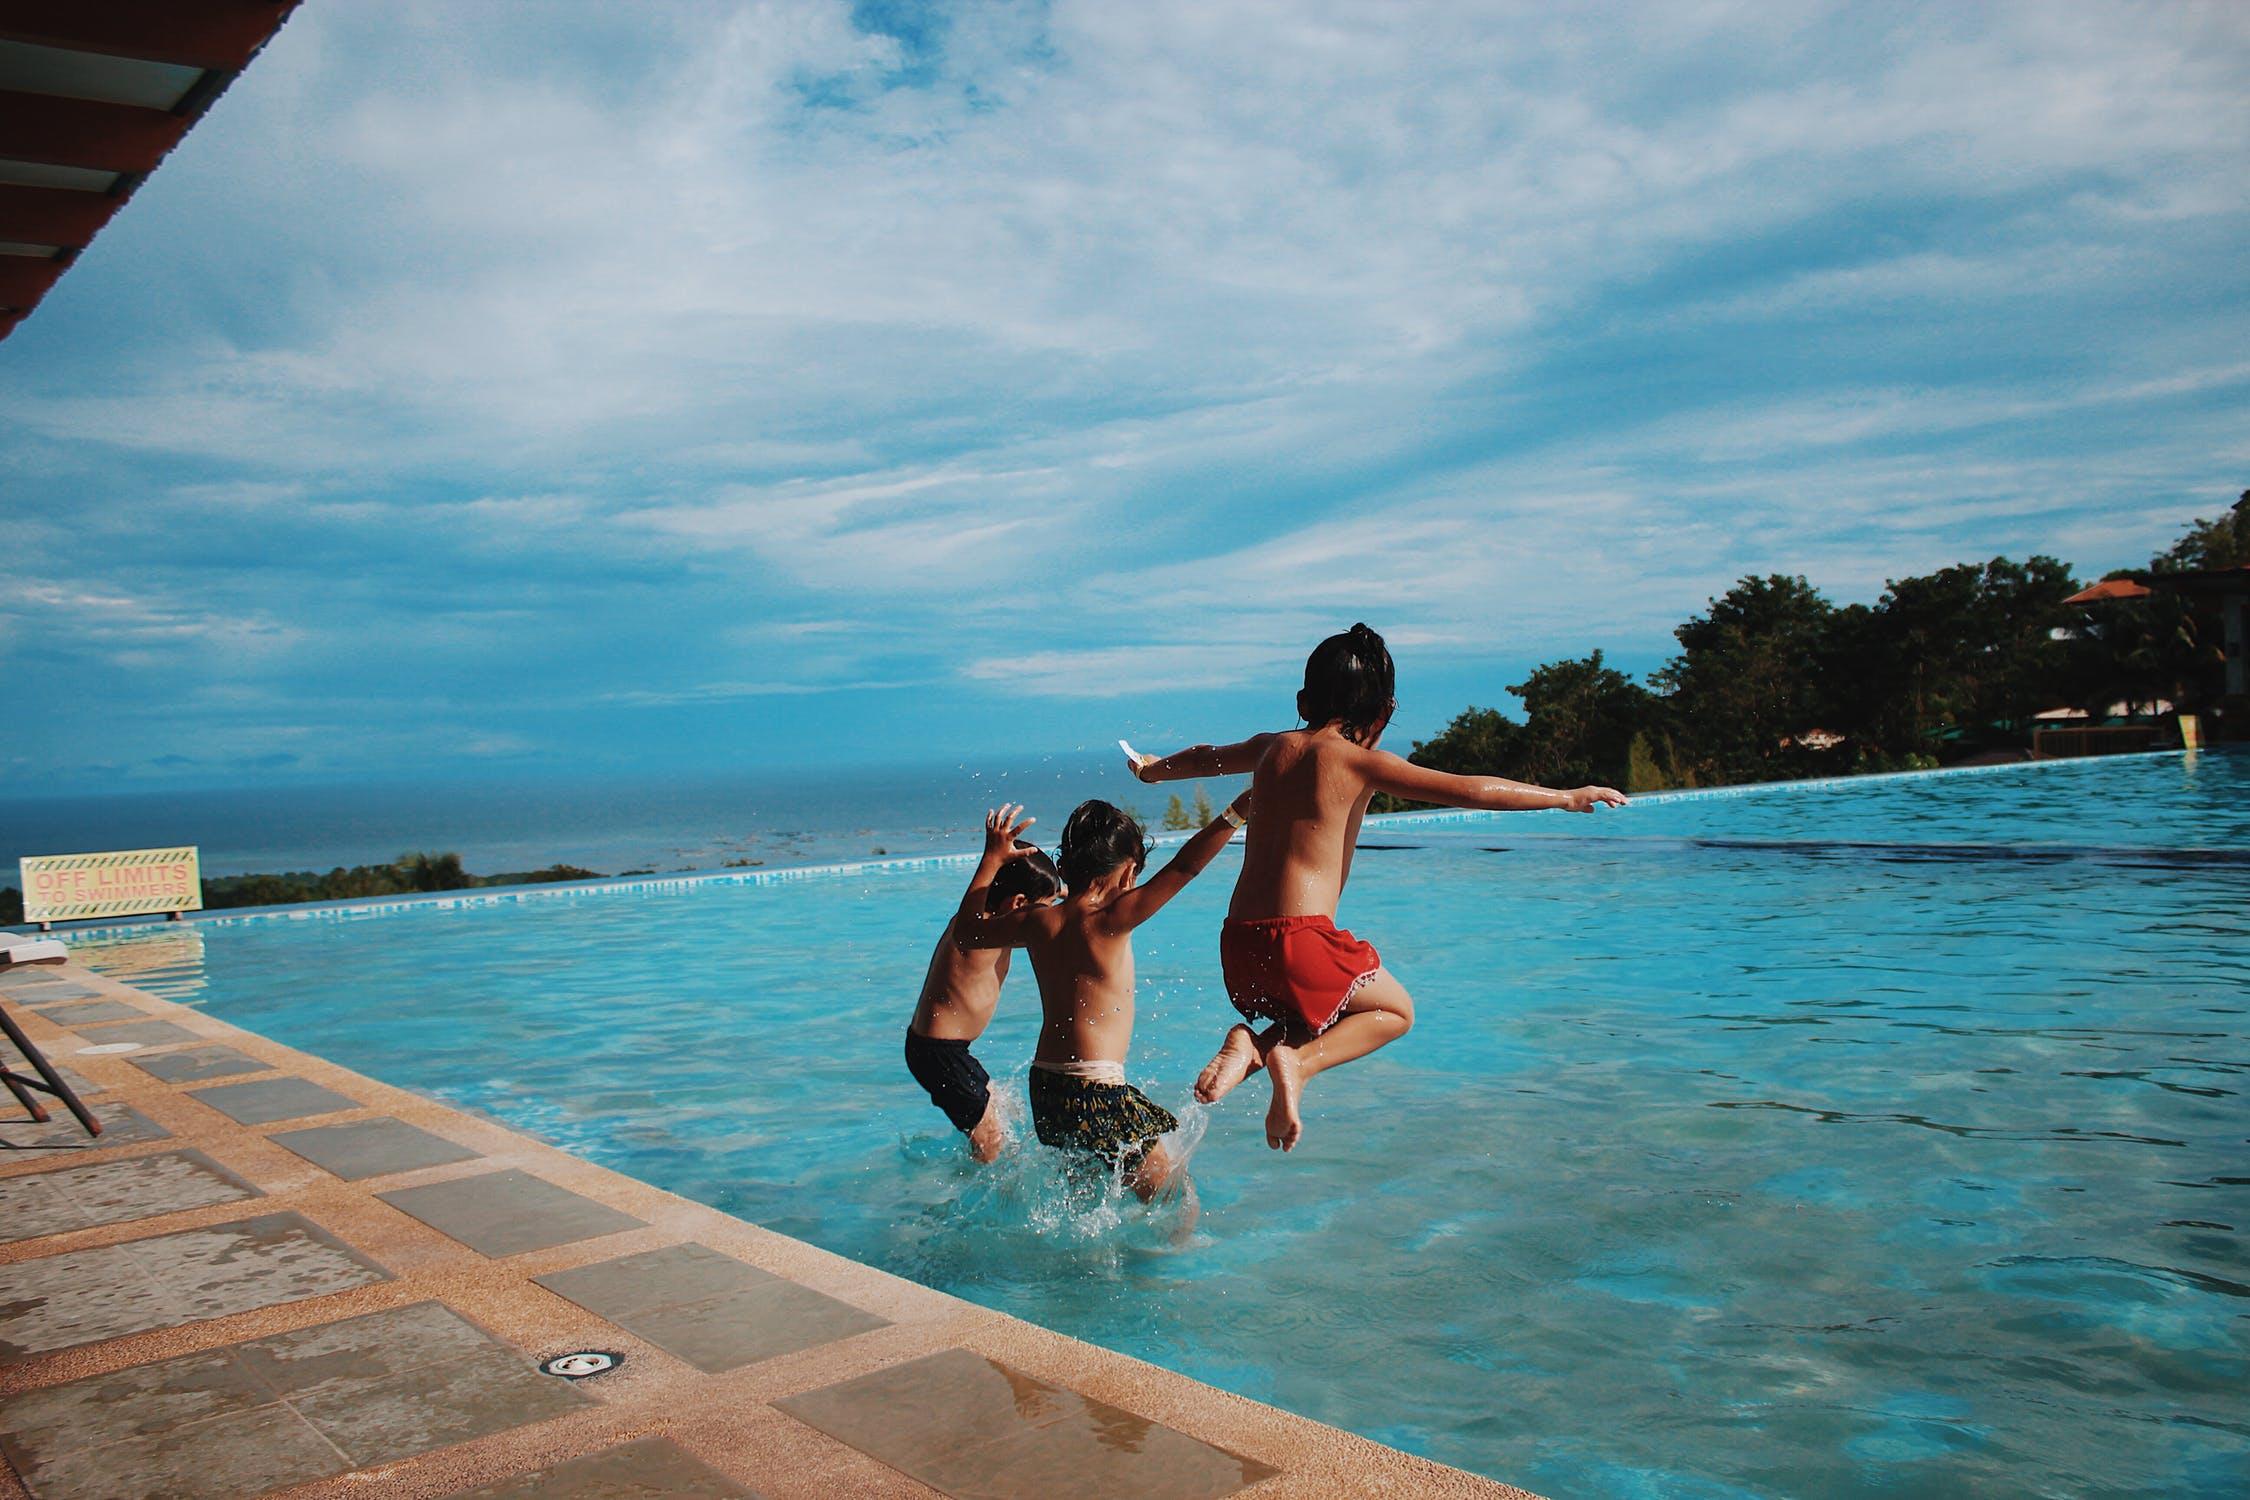 Éstos son los mejores consejos de prevención en la piscina